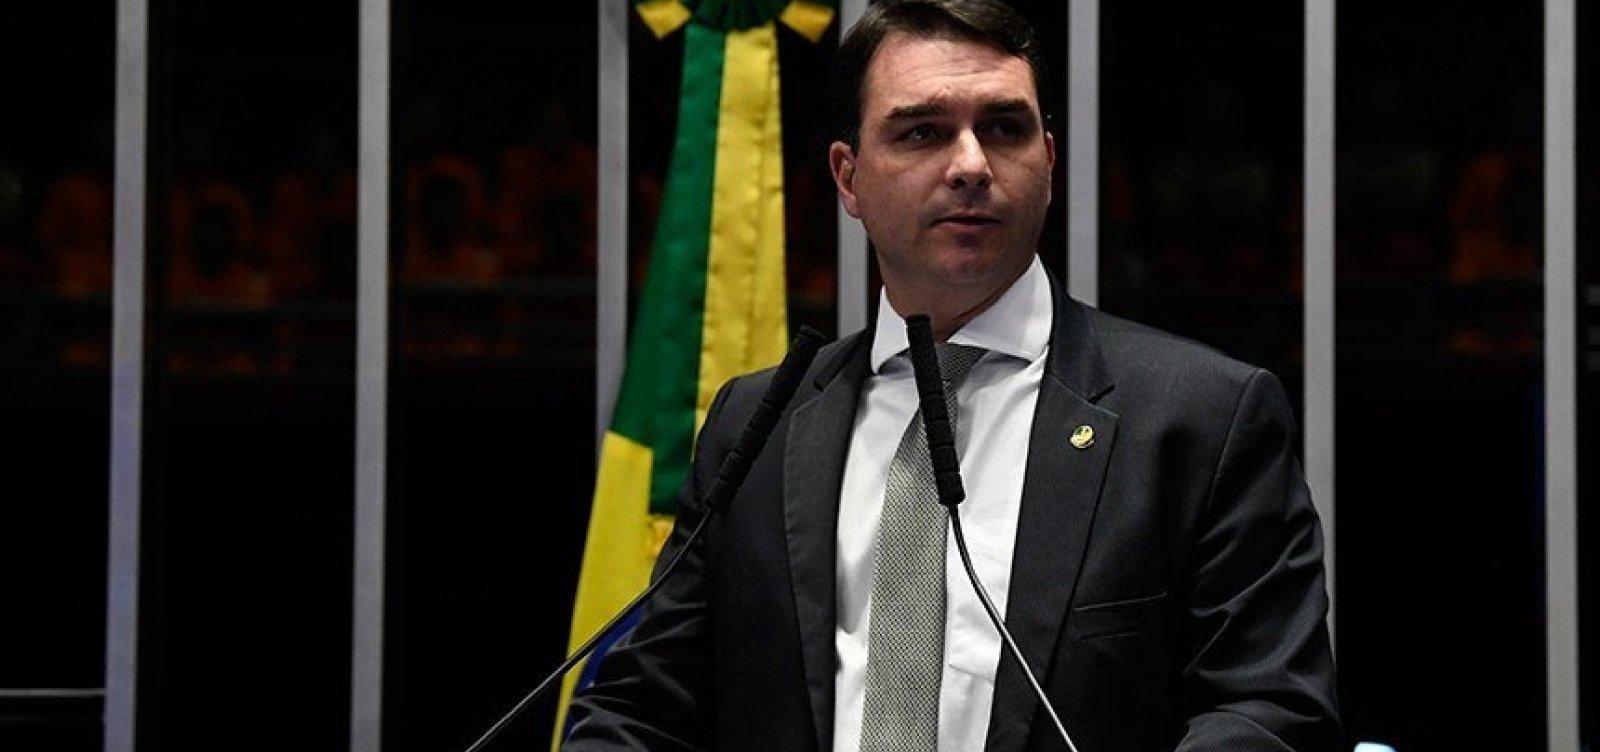 [Flávio Bolsonaro acusa juiz que autorizou operações contra Queiroz e sugere ligação de magistrado com Witzel]